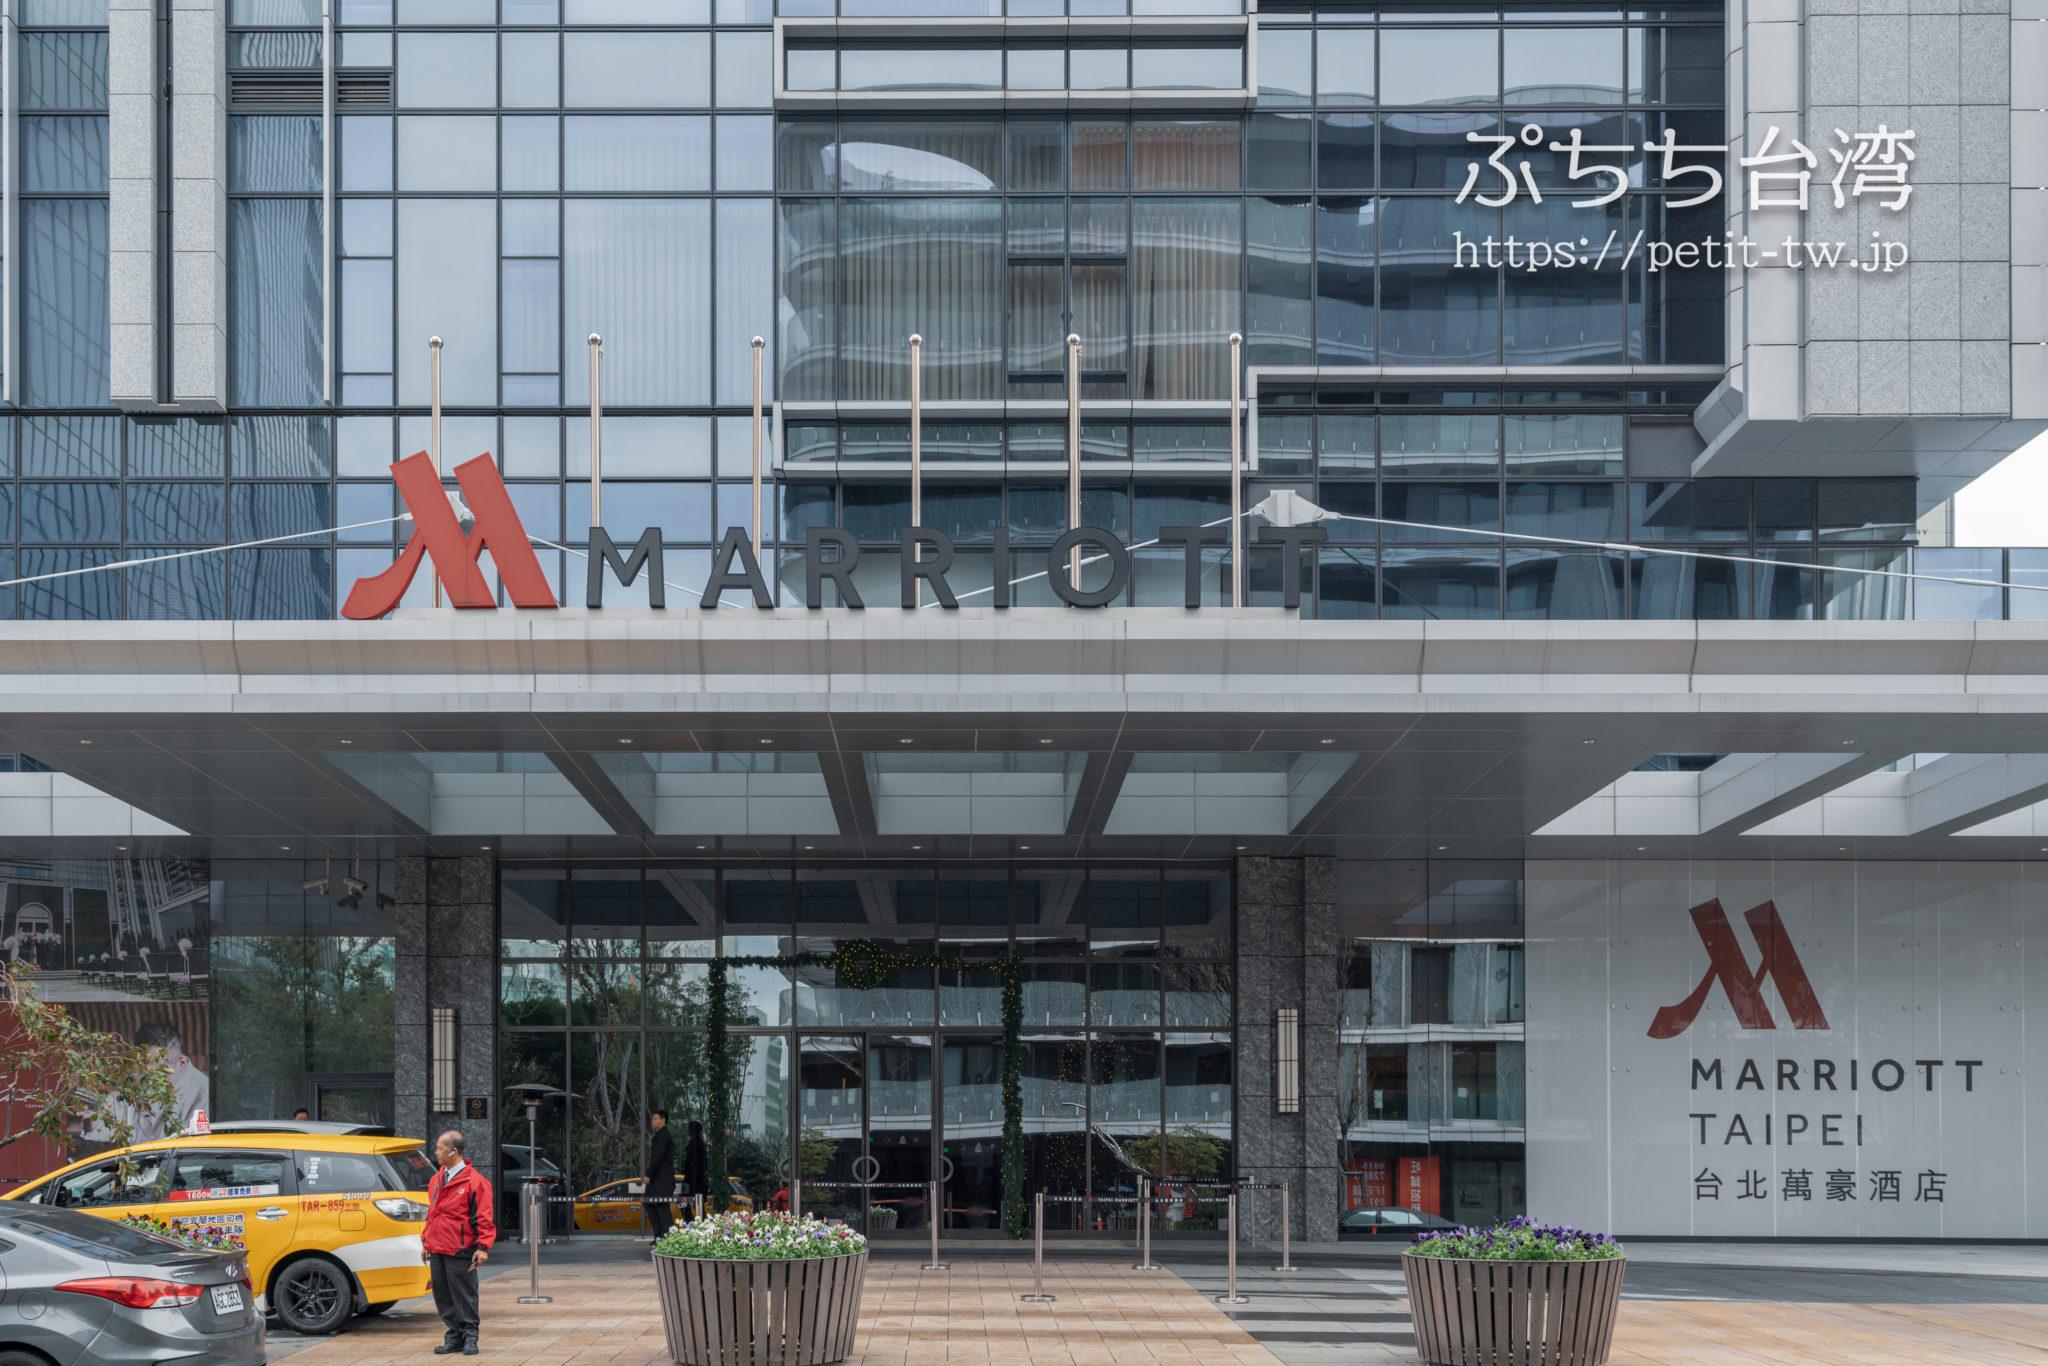 台北マリオットホテル(台北萬豪酒店)の外観